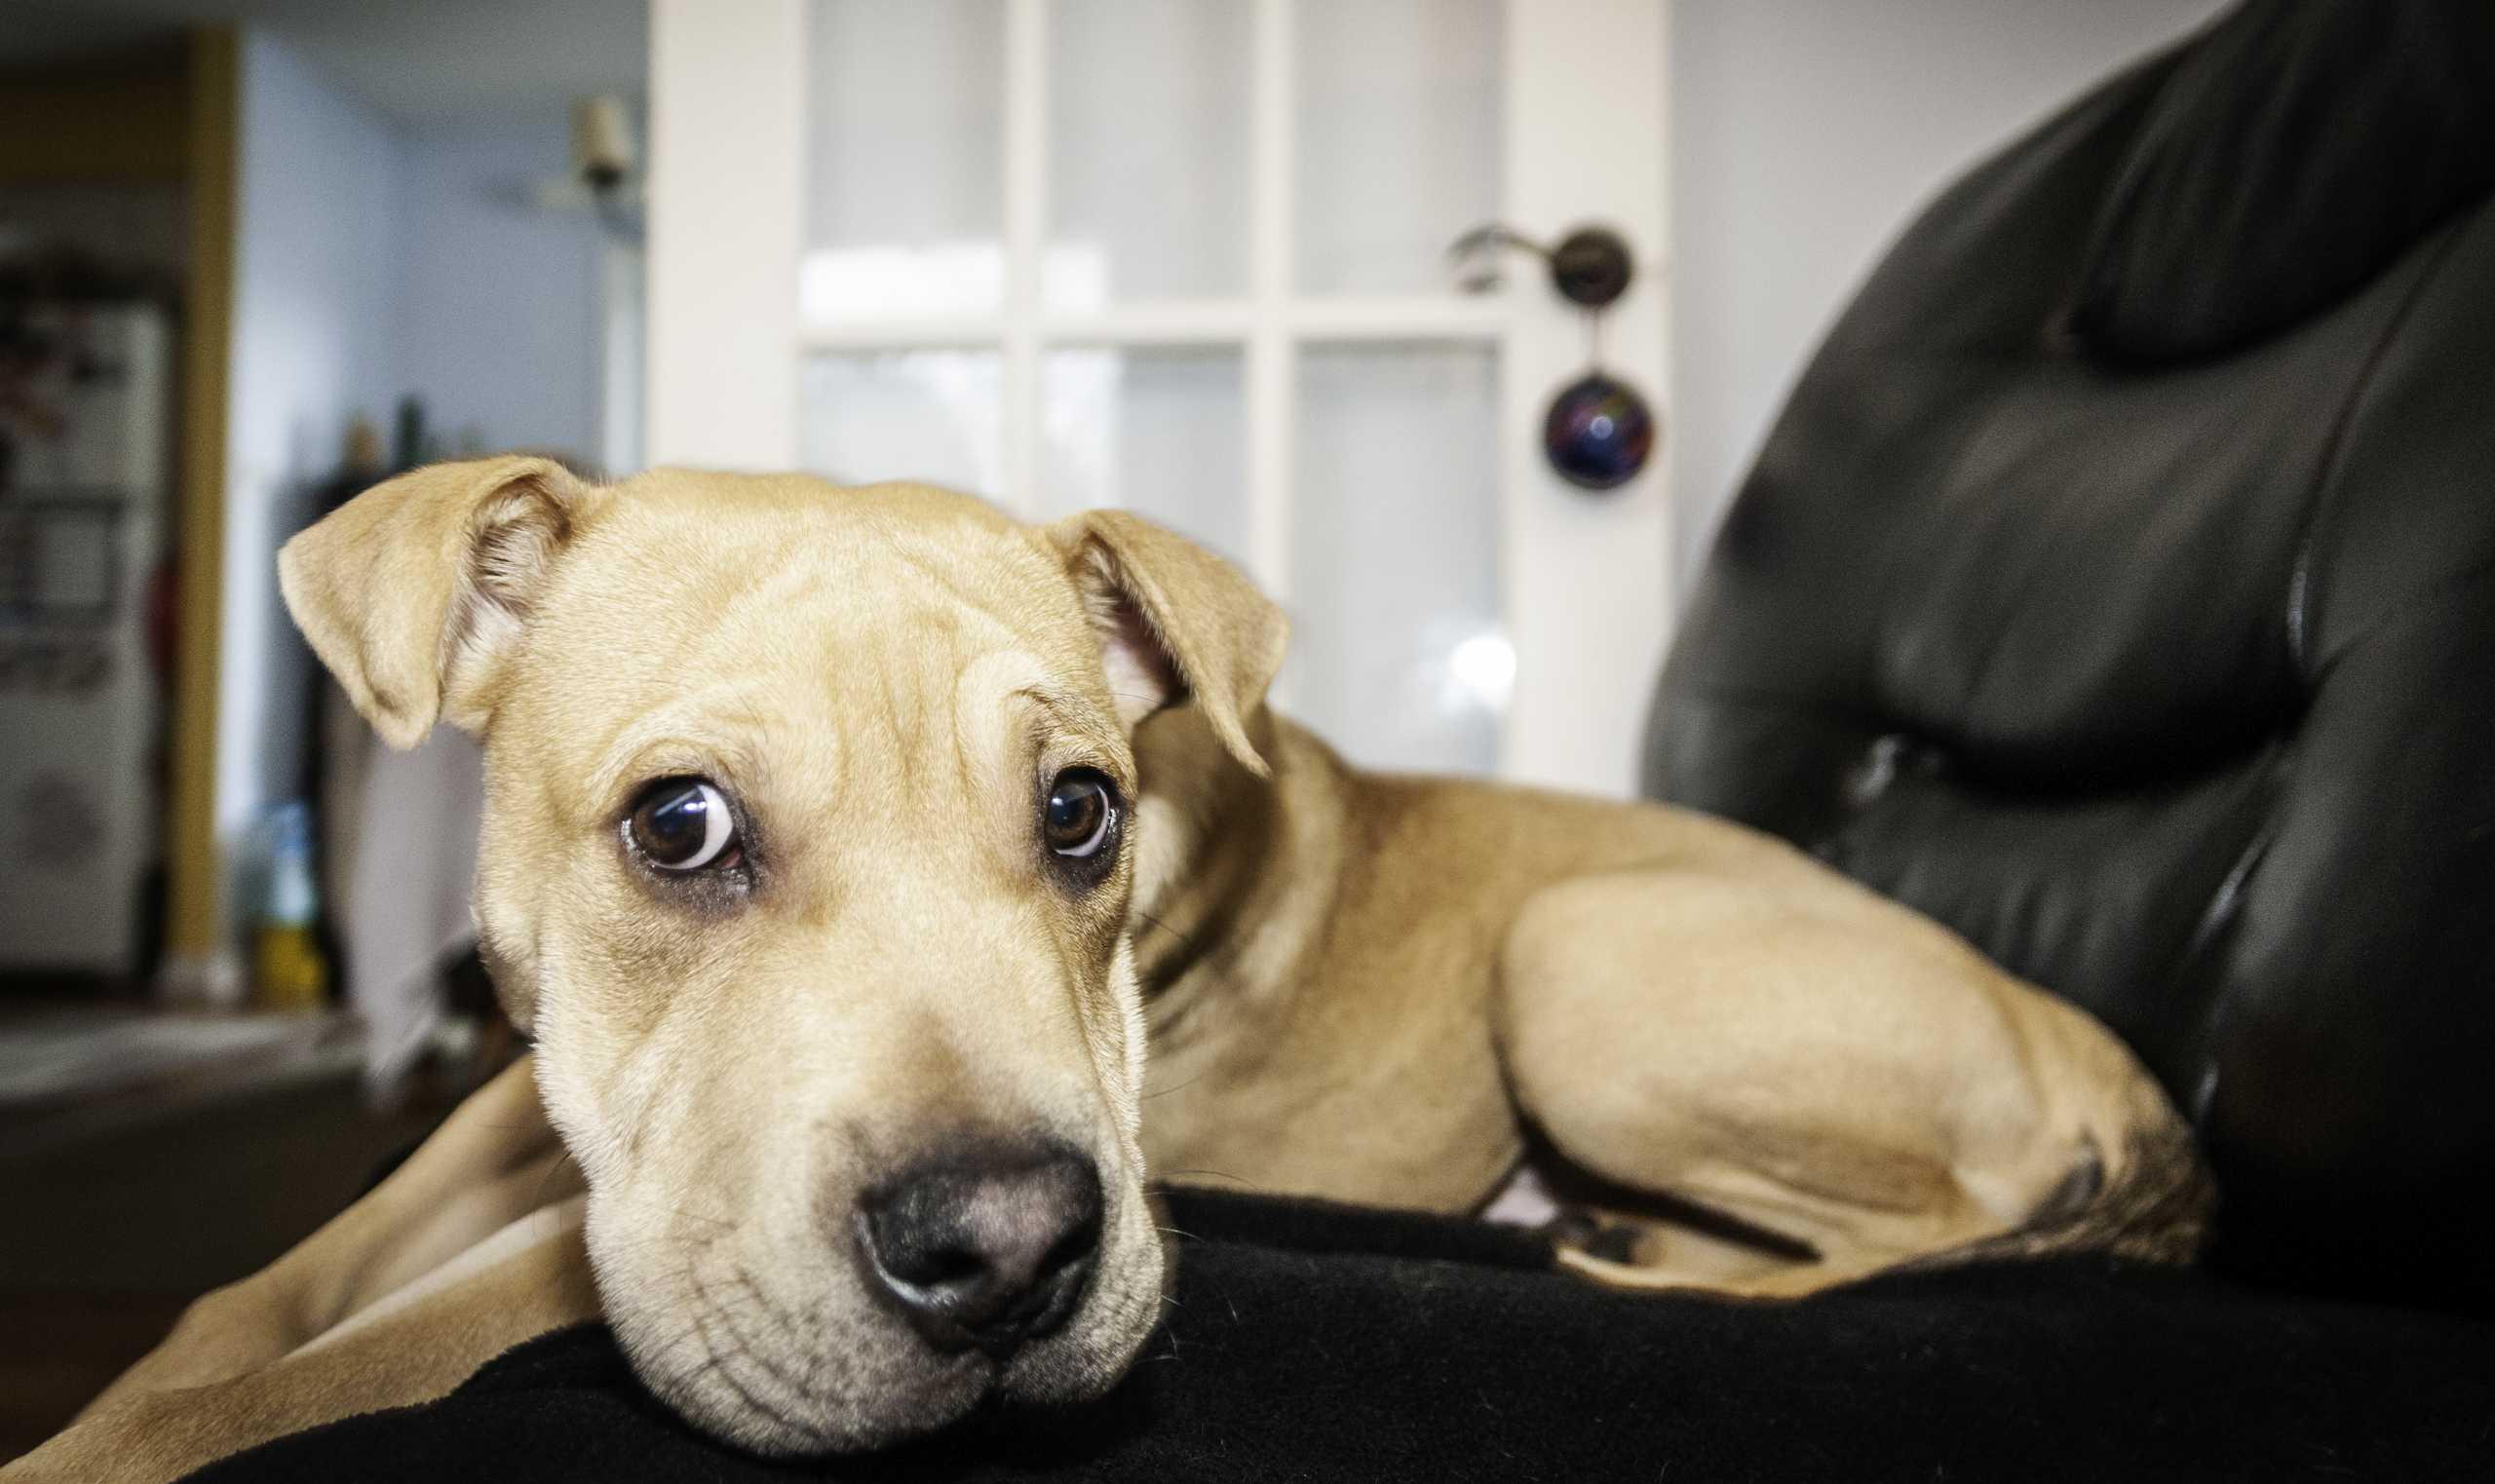 LuvMi: Άνοιξε την καρδιά και το σπίτι σου σε έναν σκύλο που ζει στο καταφύγιο